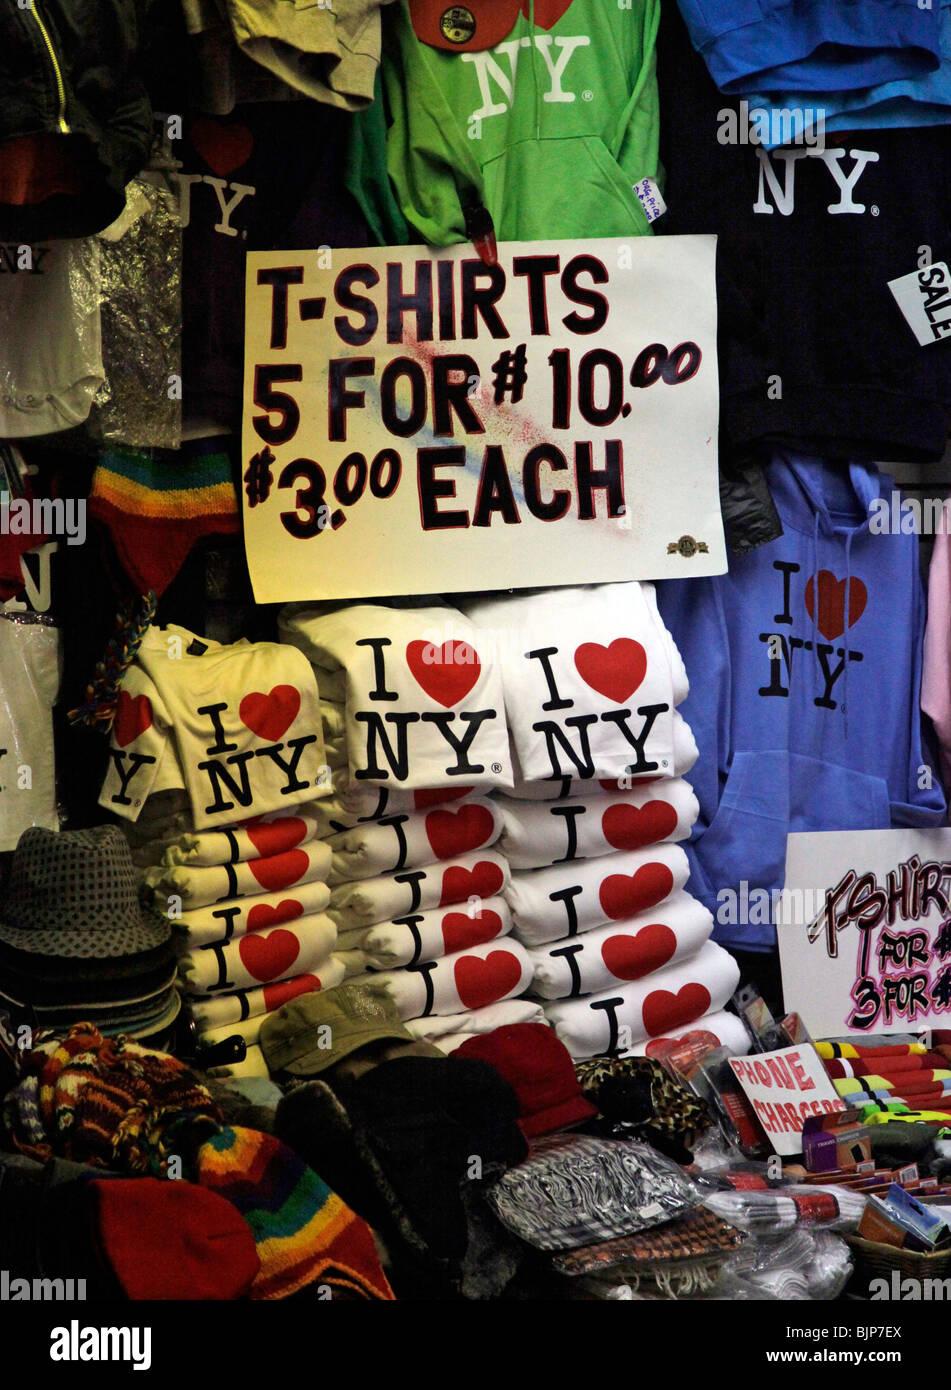 I love NY tee shirt - Stock Image